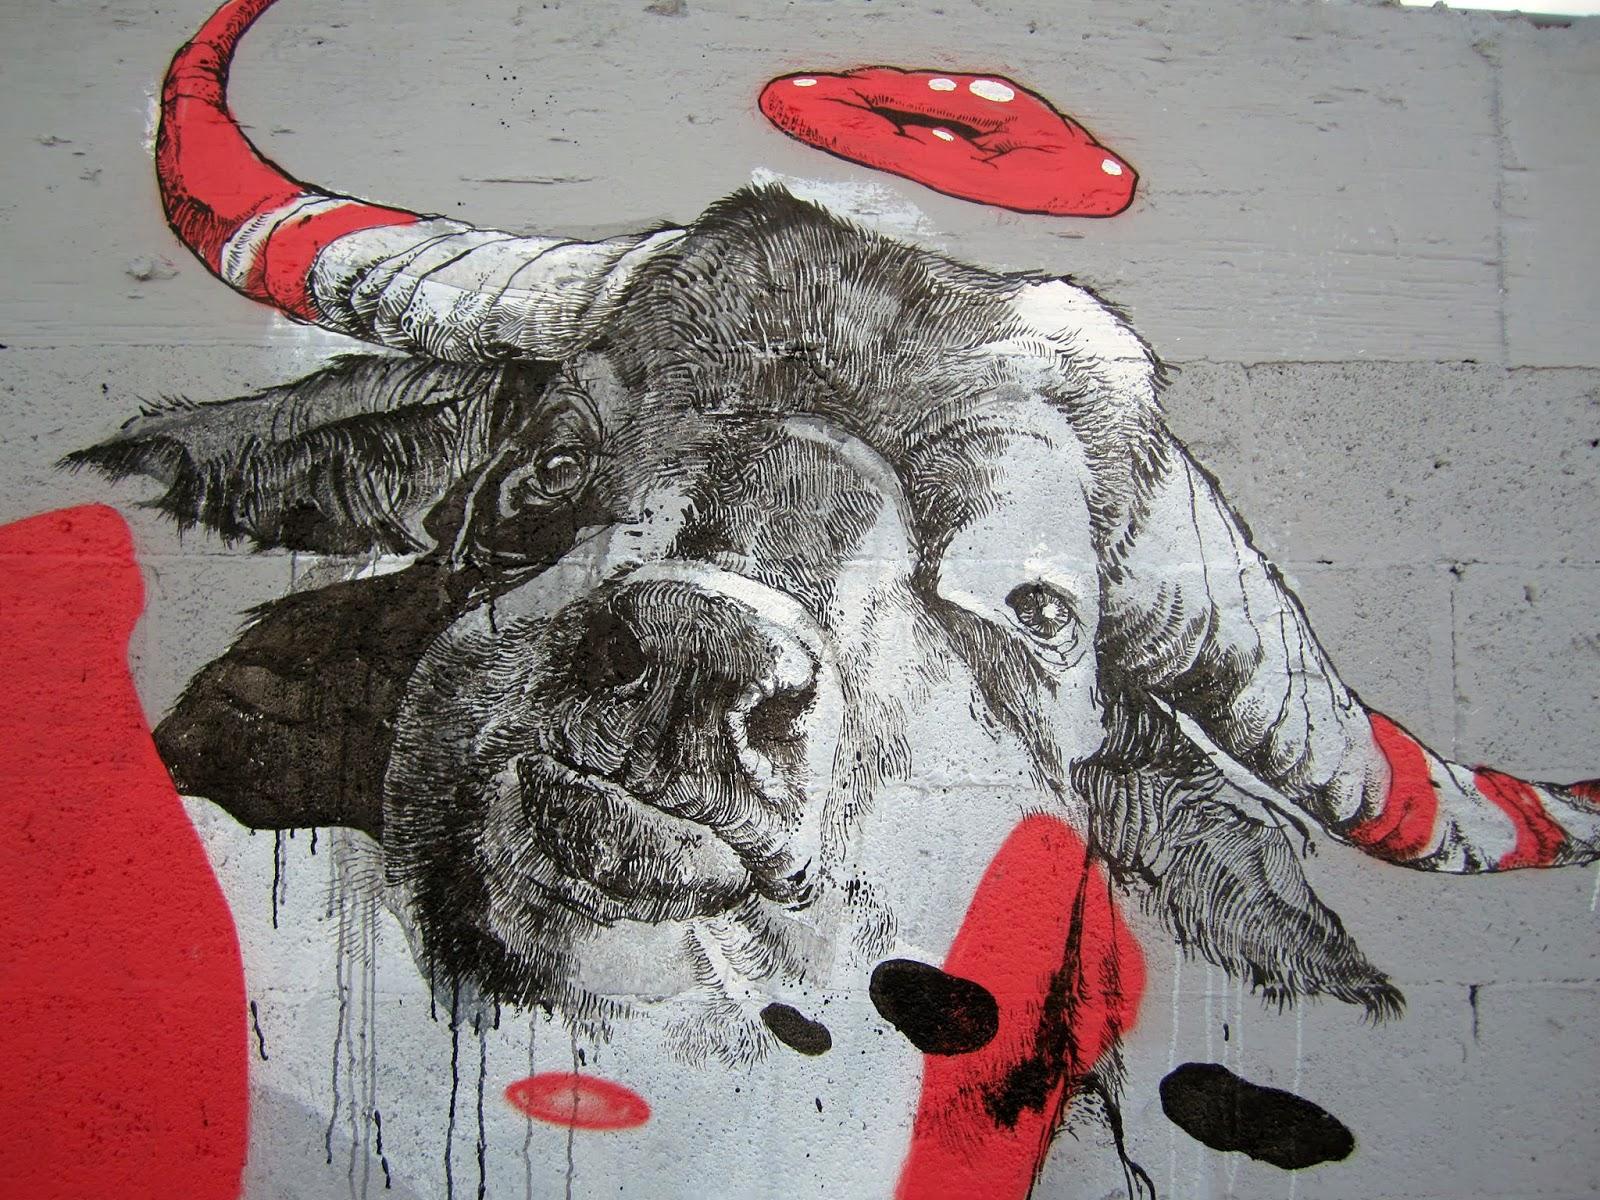 joram-roukes-new-mural-for-art-basel-2013-02